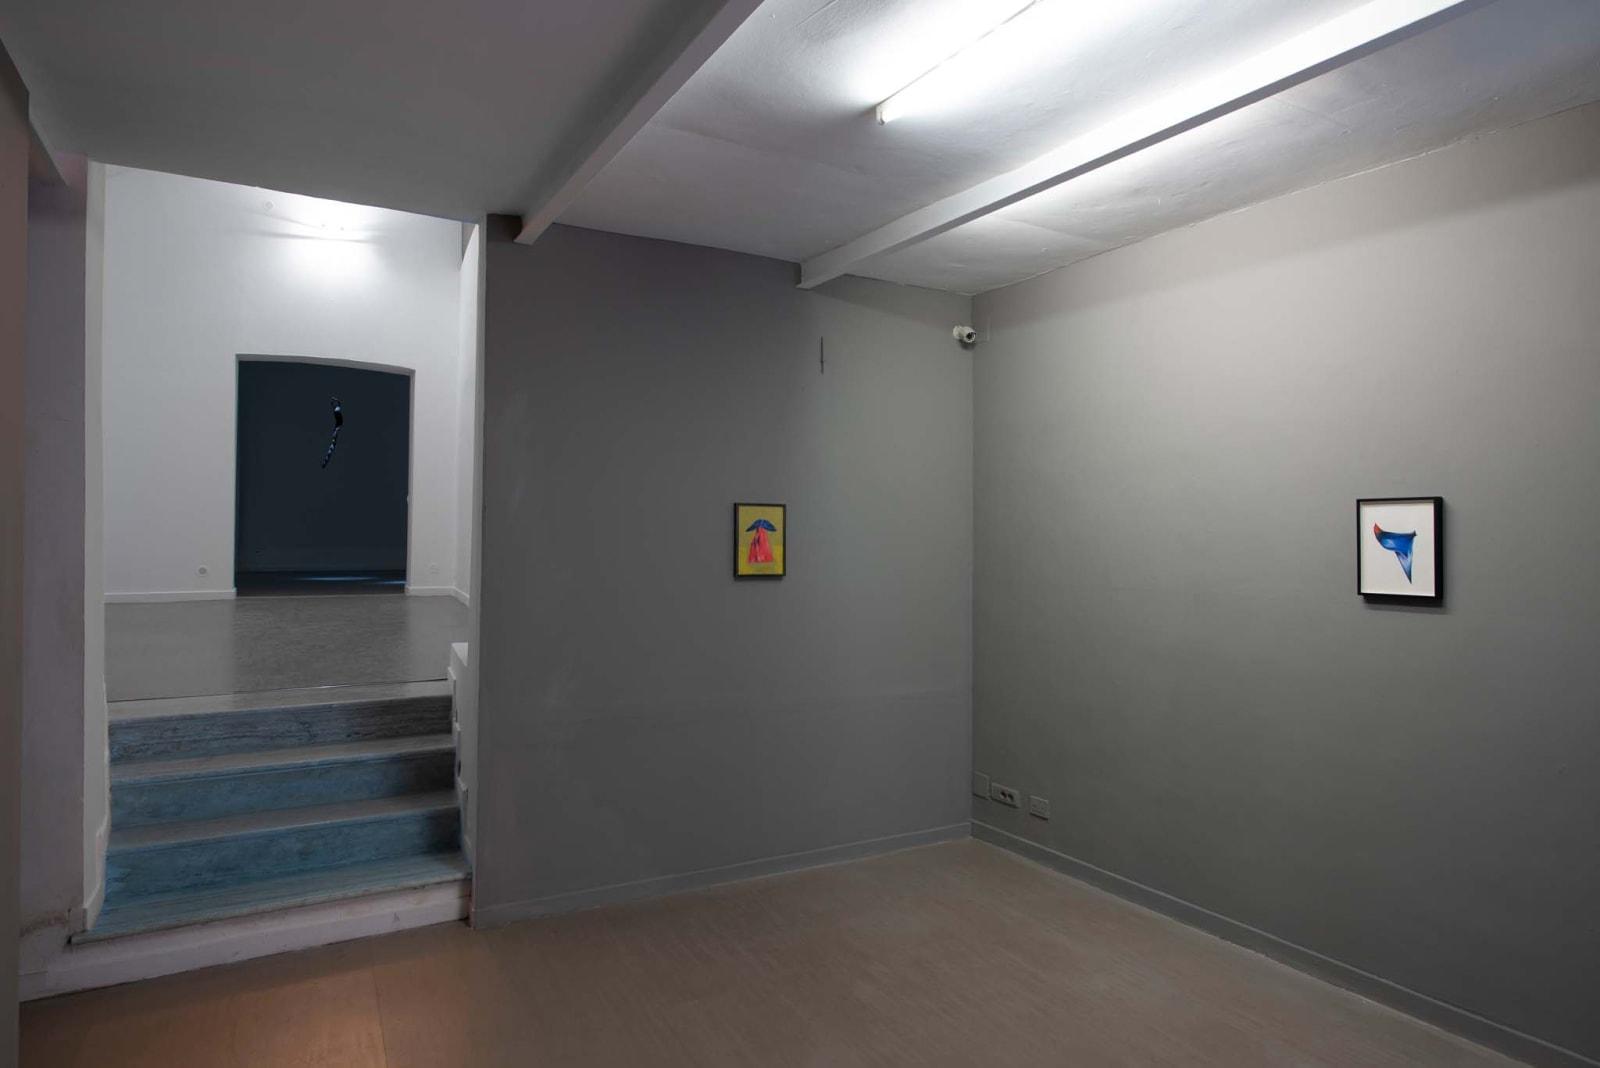 Giovanni Kronenberg, solo show at z2o Sara Zanin Gallery